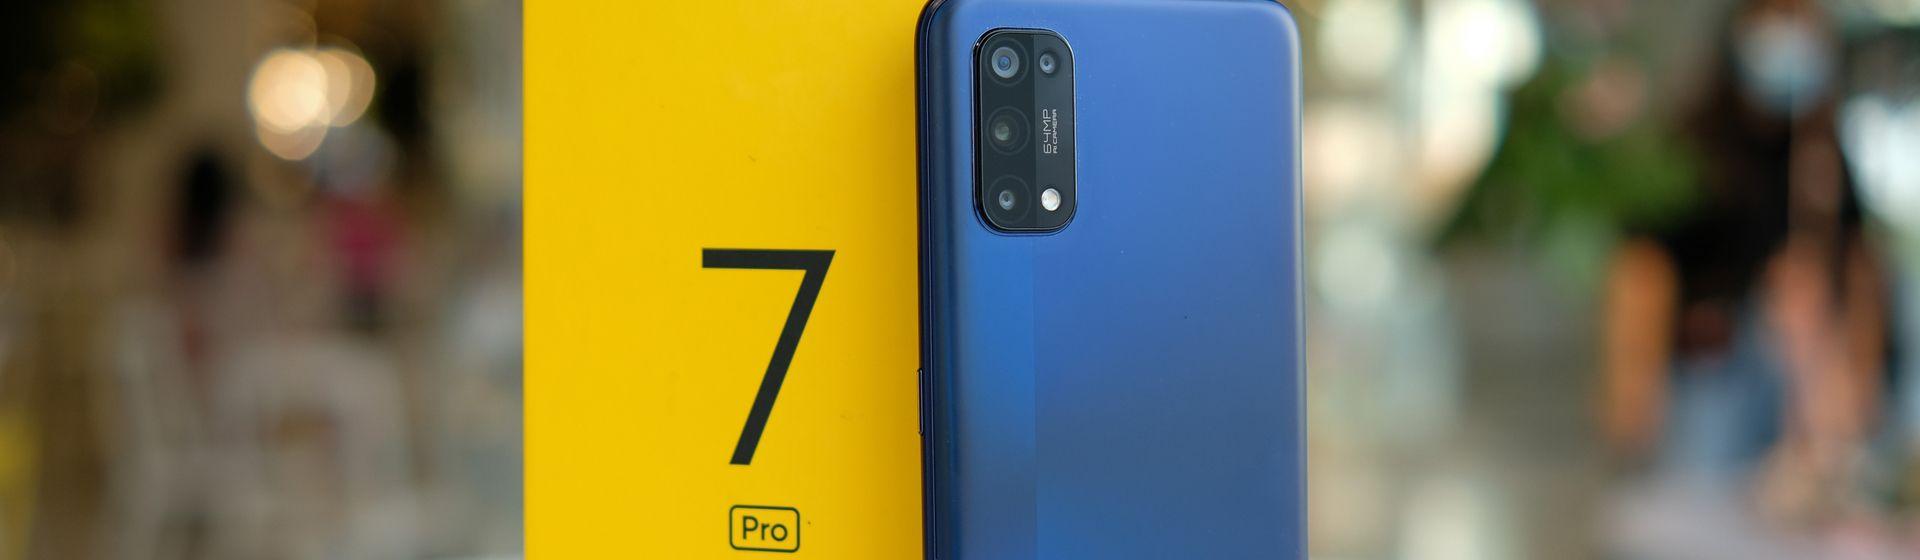 Realme 7 Pro: confira a análise de ficha técnica do celular chinês